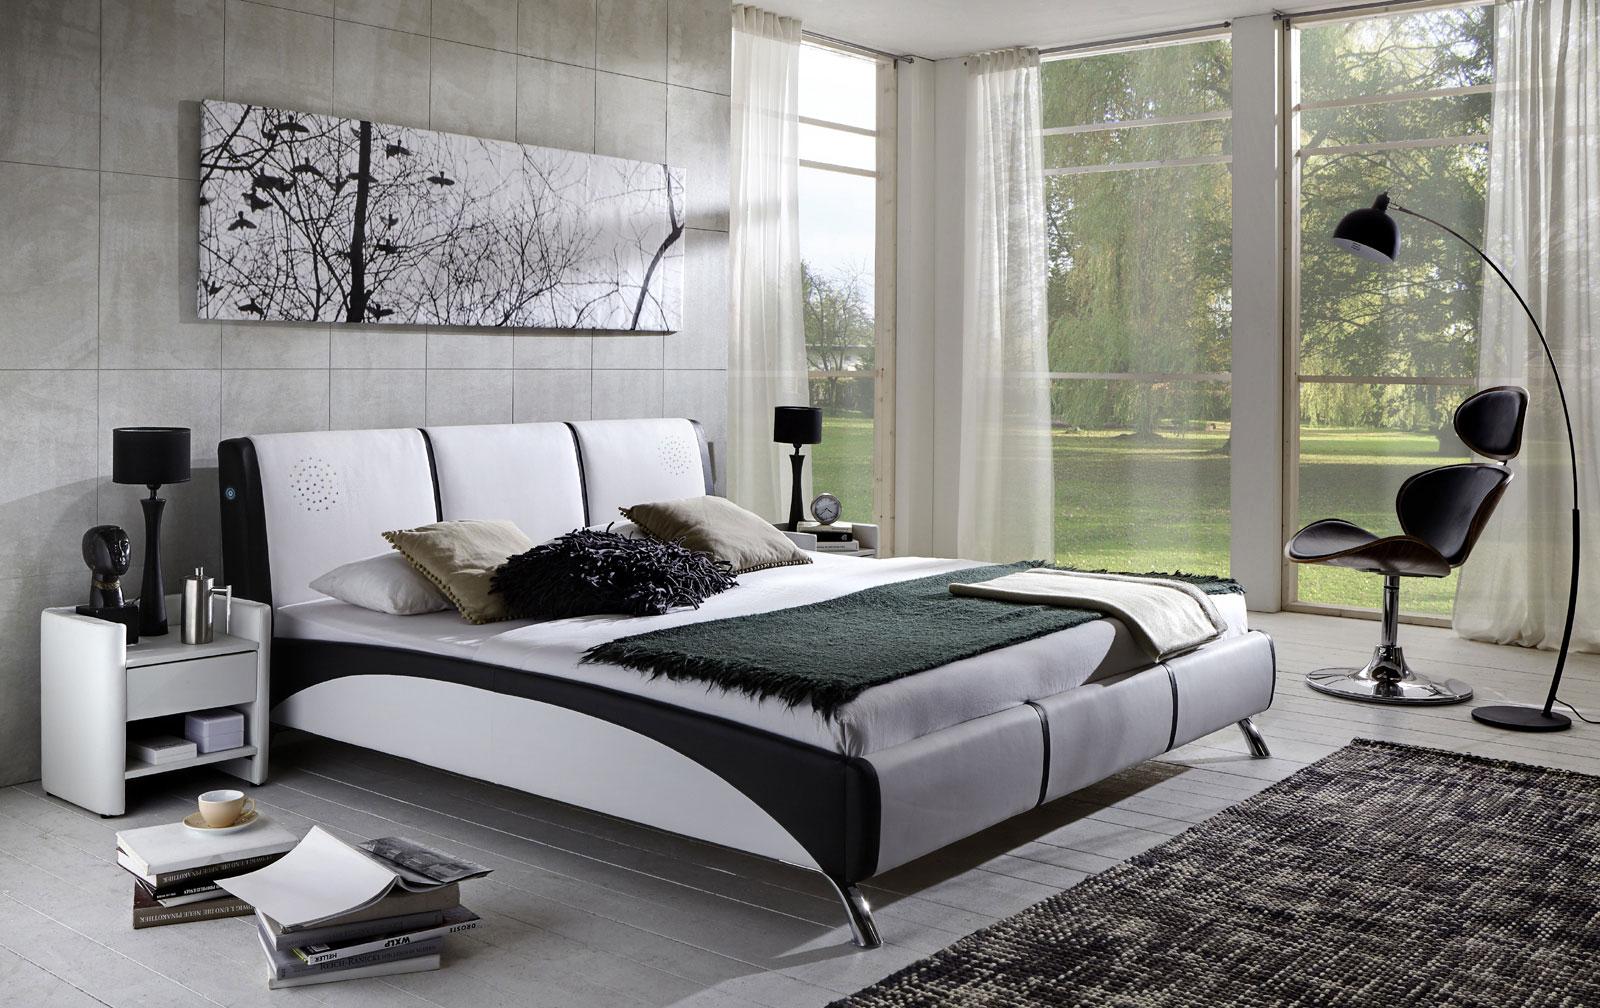 sam polsterbett mit soundsystem 140 cm wei schwarz fun. Black Bedroom Furniture Sets. Home Design Ideas